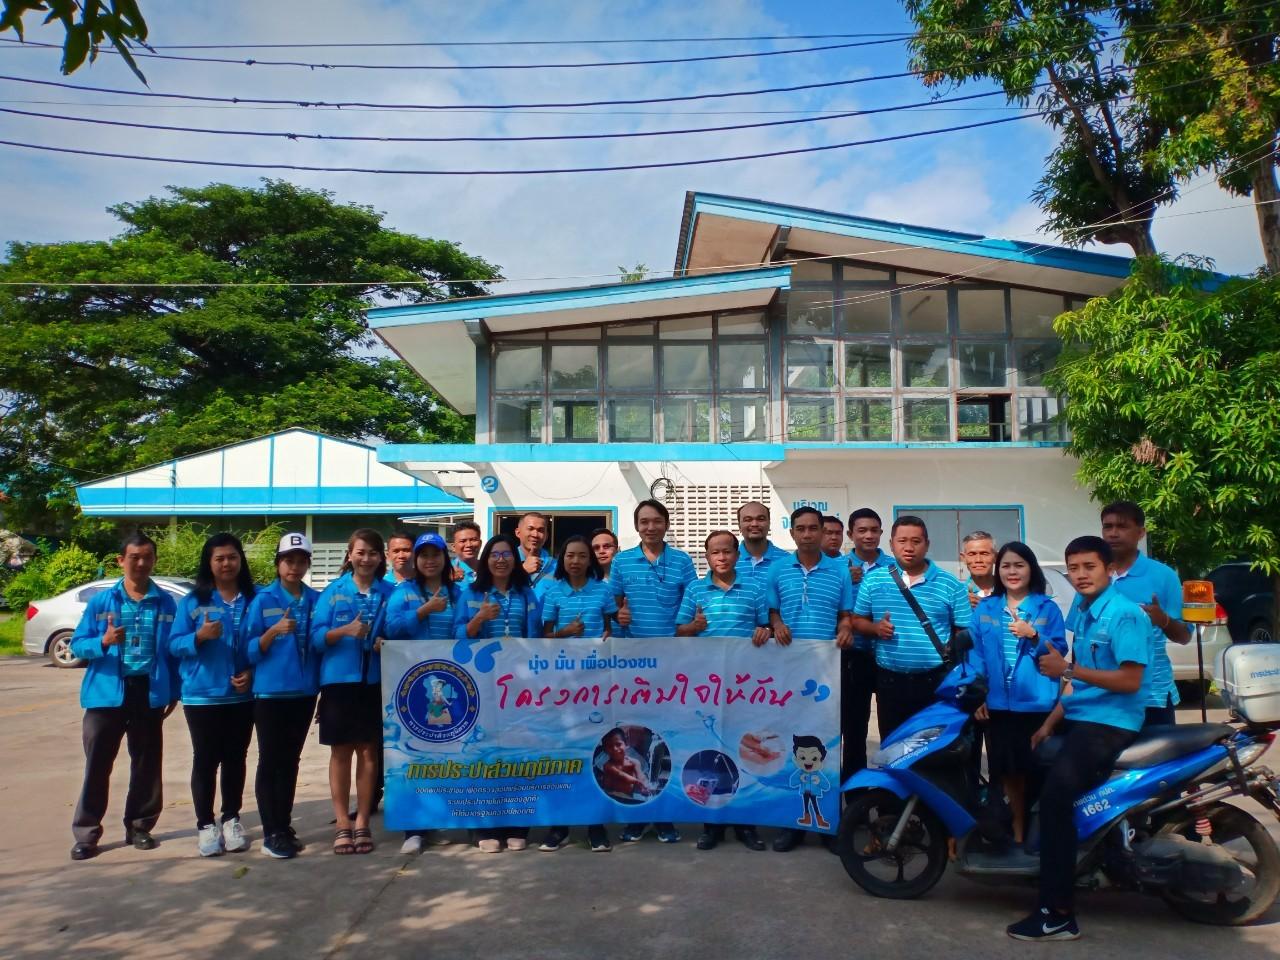 ไฟล์แนบ กปภ.สาขายโสธร จัดกิจกรรม Home Careโครงการเติมใจให้กัน ครั้งที่ 12 ปี 2562